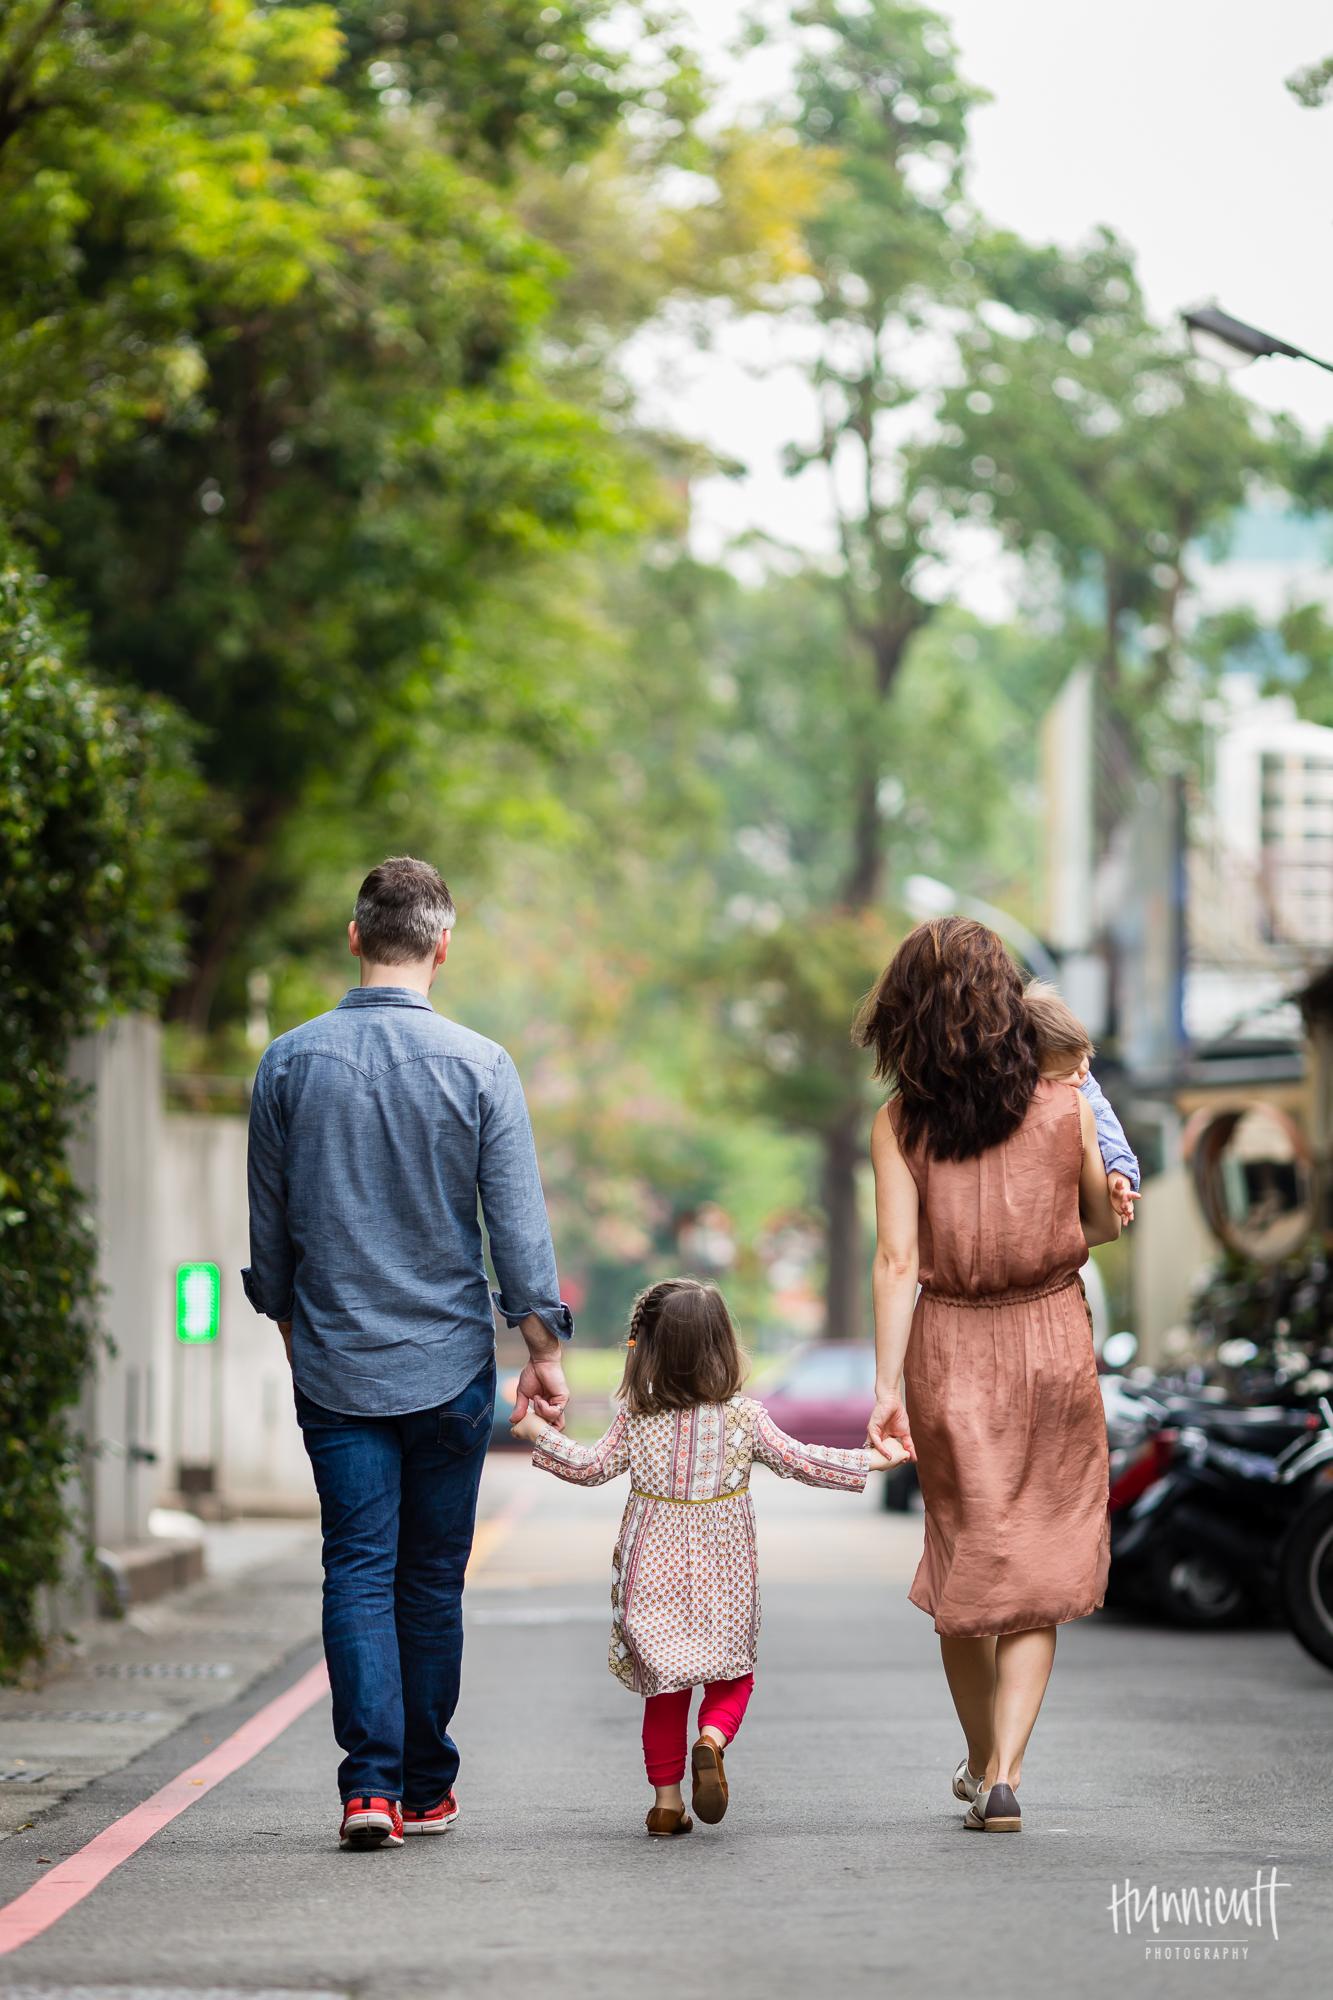 Taiwan-Urban-Lifestle-Duck-Family-HunnicuttPHotography-24